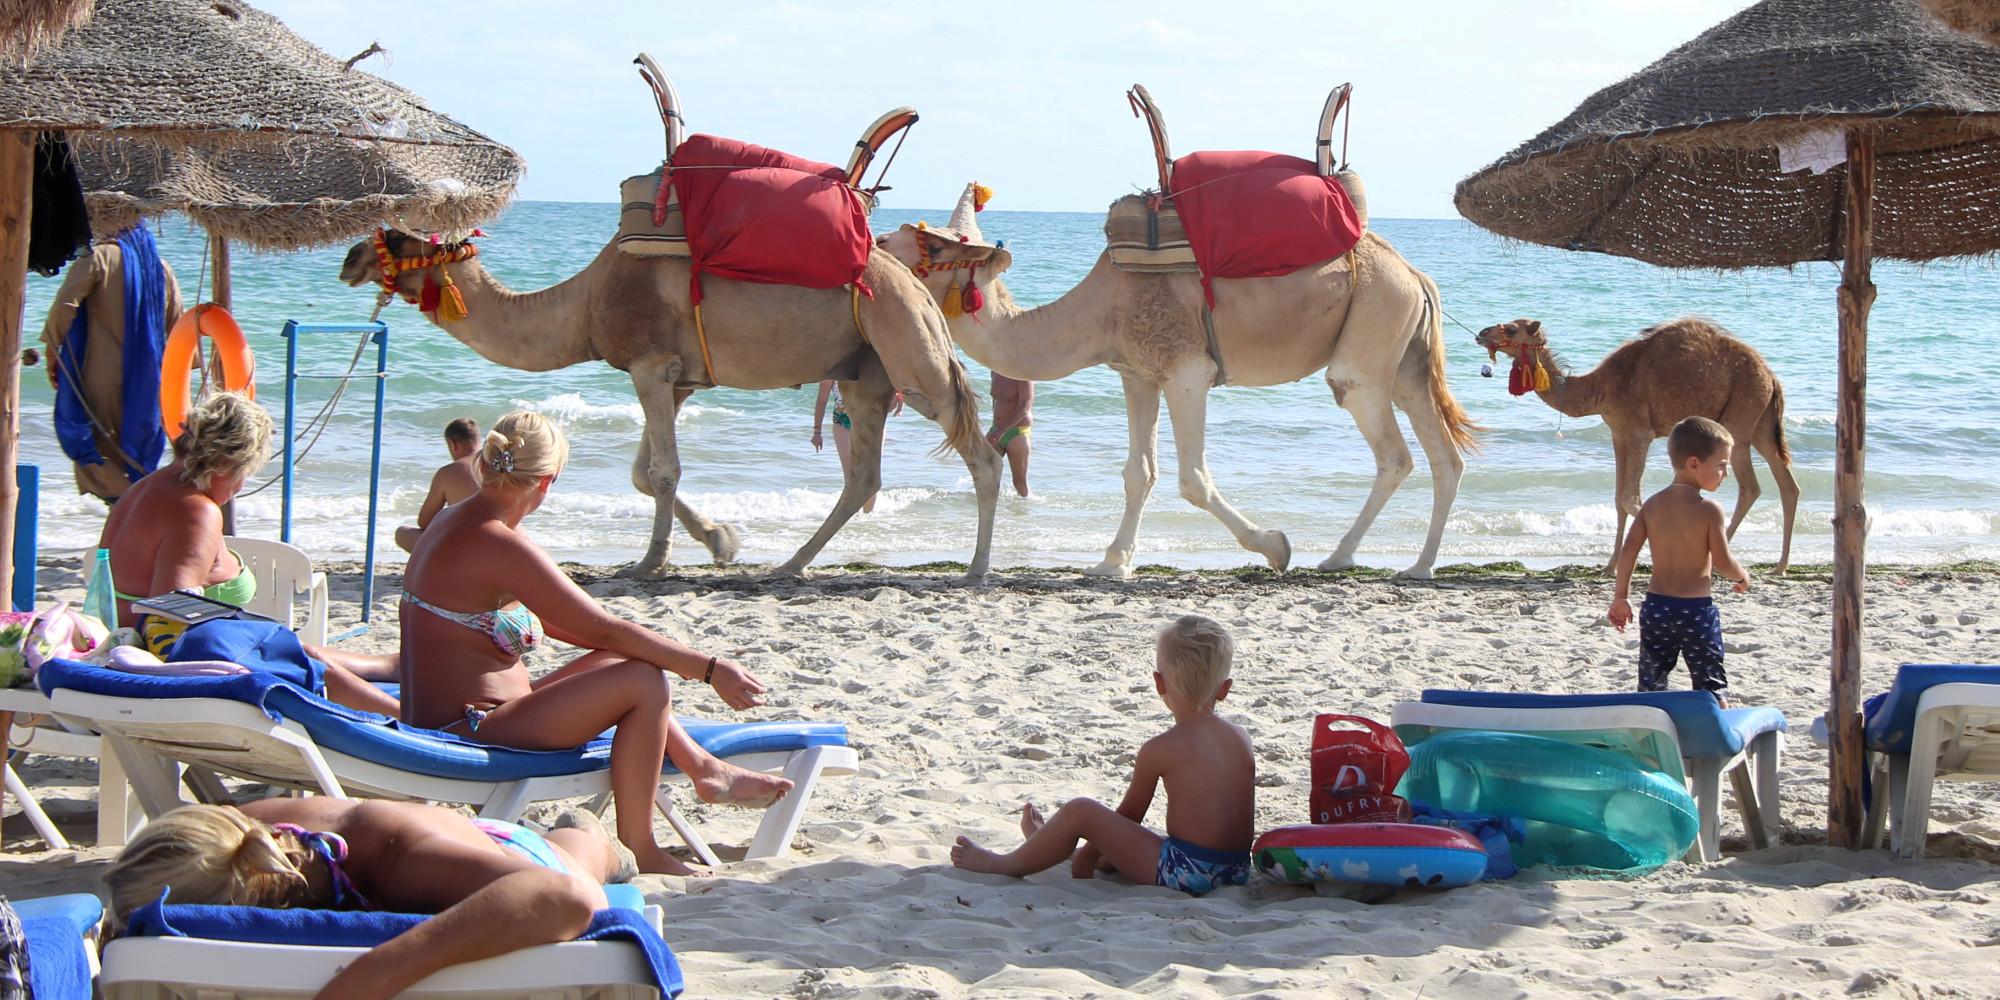 Le foreign office britannique assouplit ses recommandations pour les voyages en tunisie - Office de tourisme tunisie ...